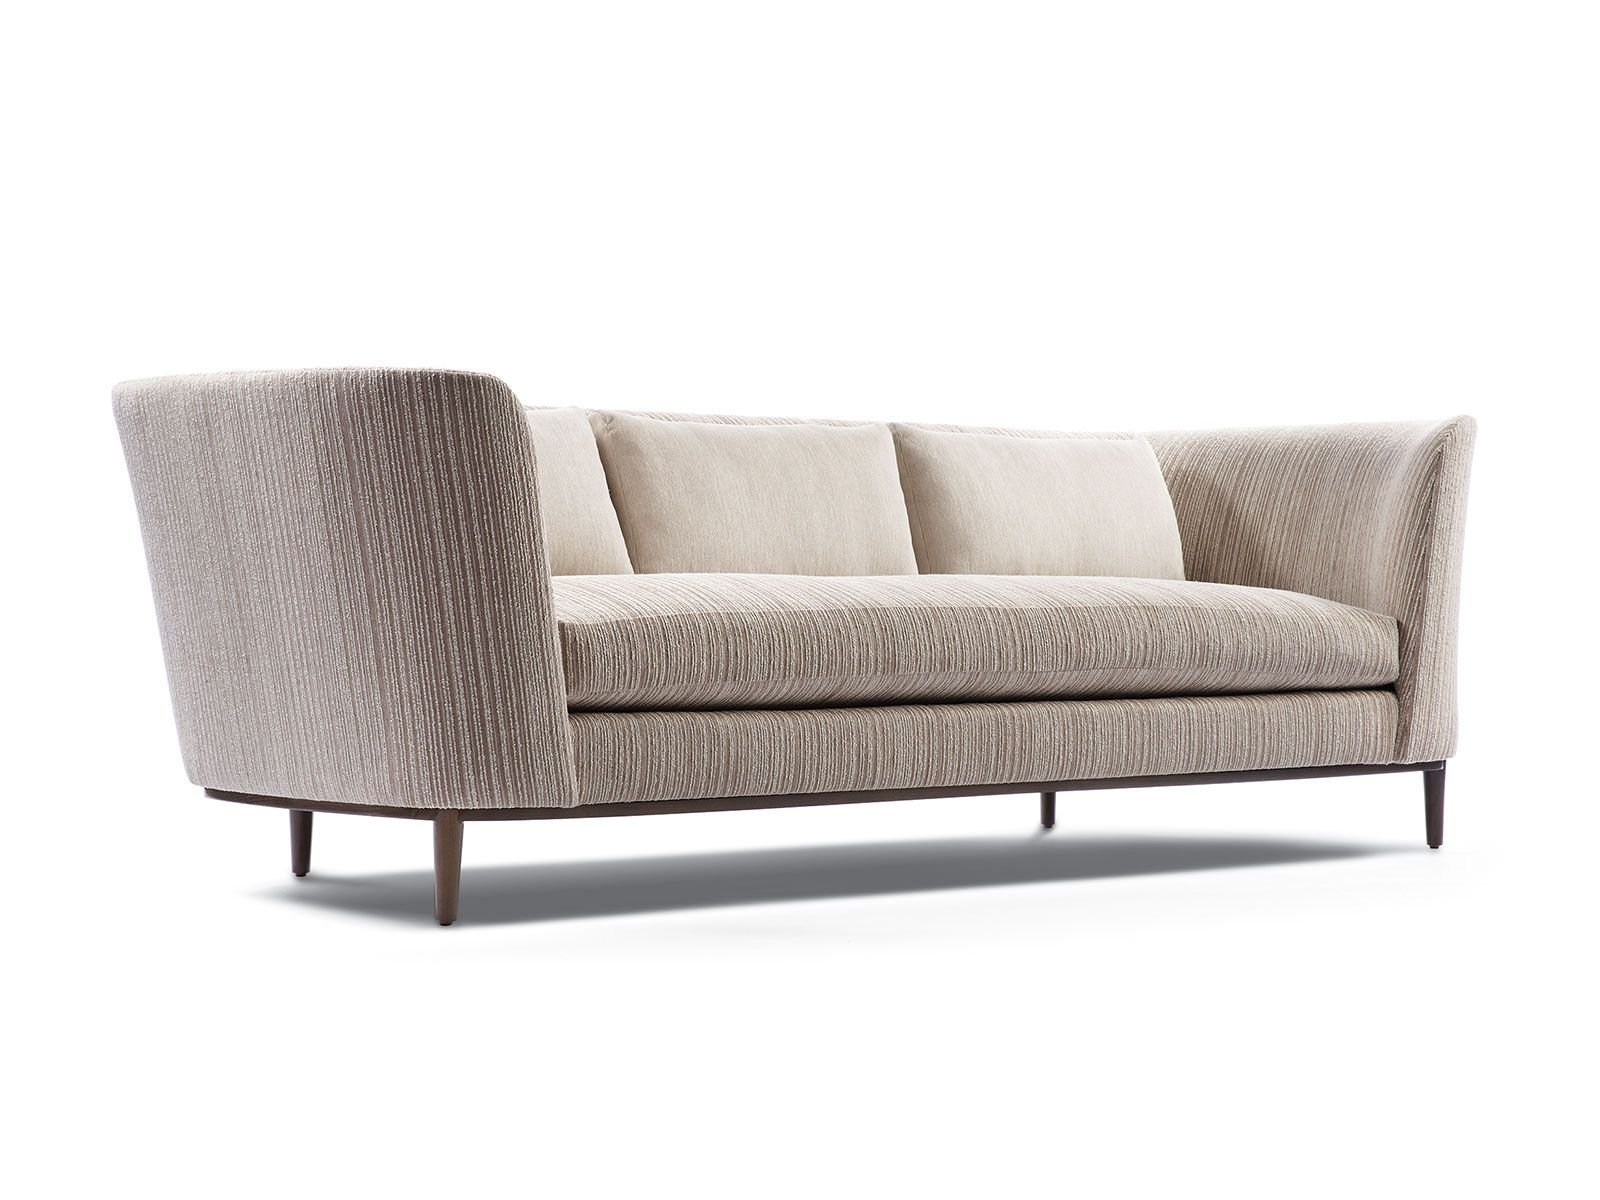 Bright Chair - Autumn Sofa @ De Sousa Hughes  Furniture, Curved